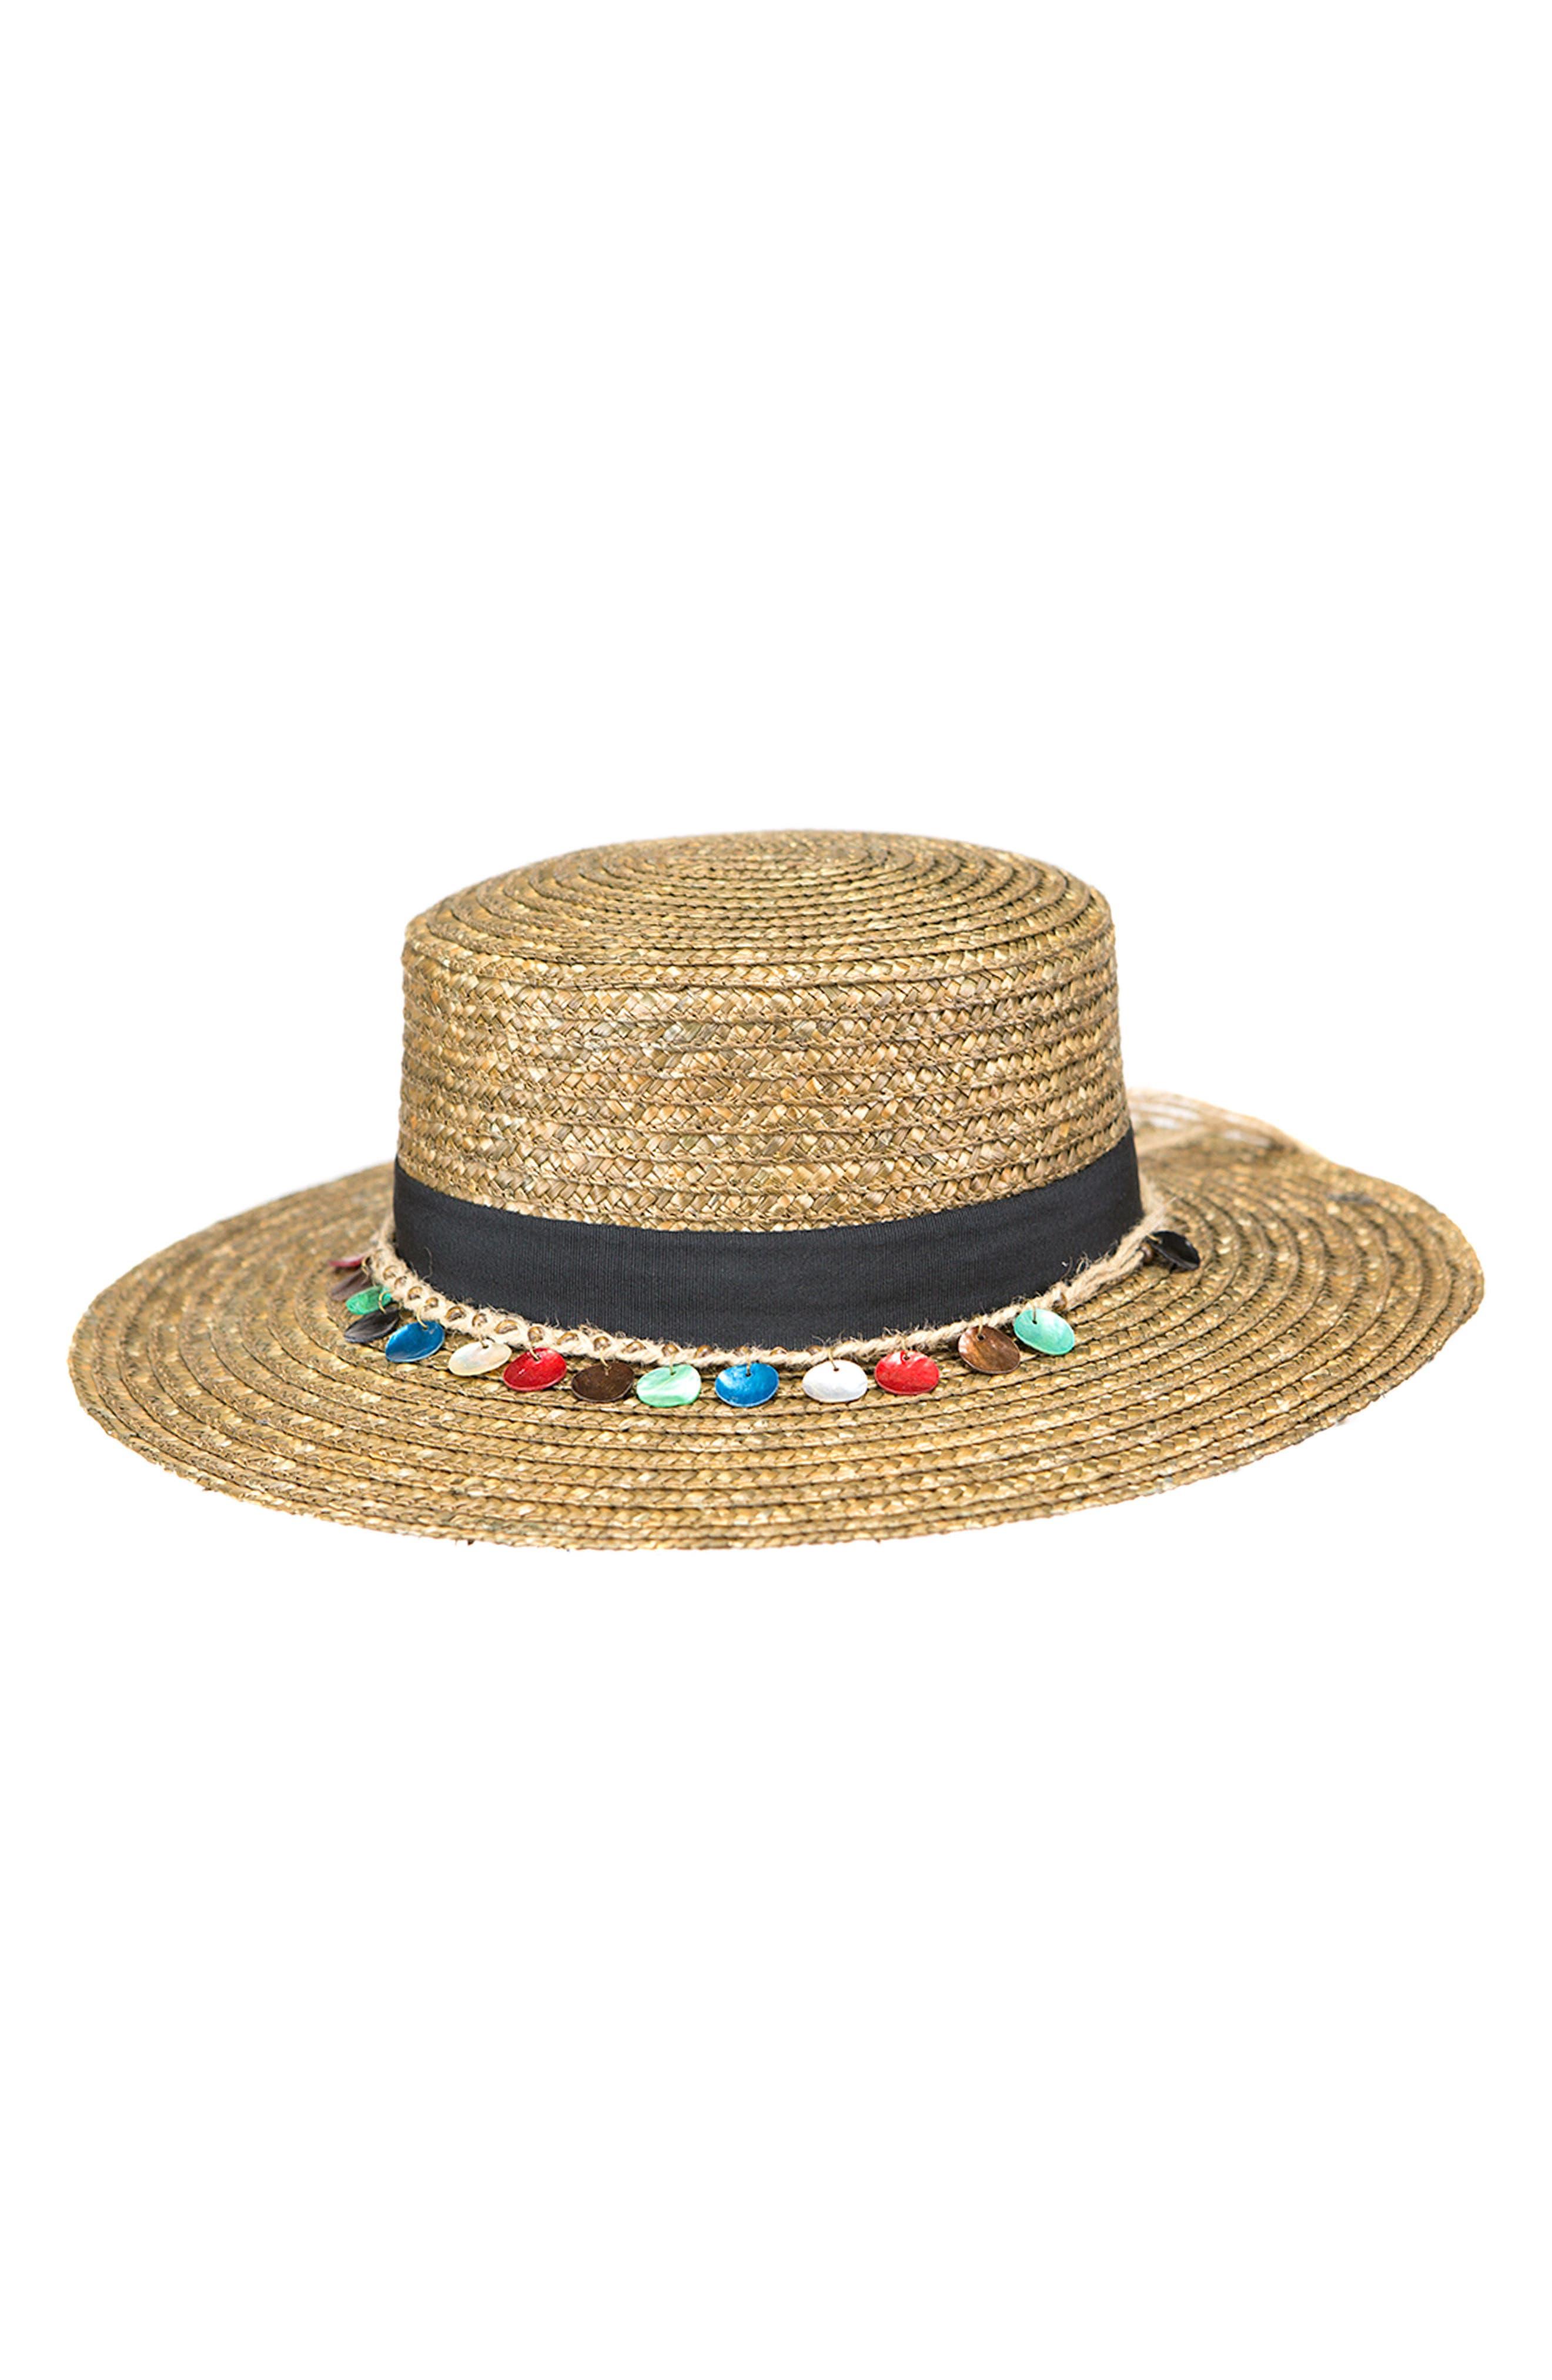 Clau Straw Resort Hat,                             Main thumbnail 1, color,                             BROWN